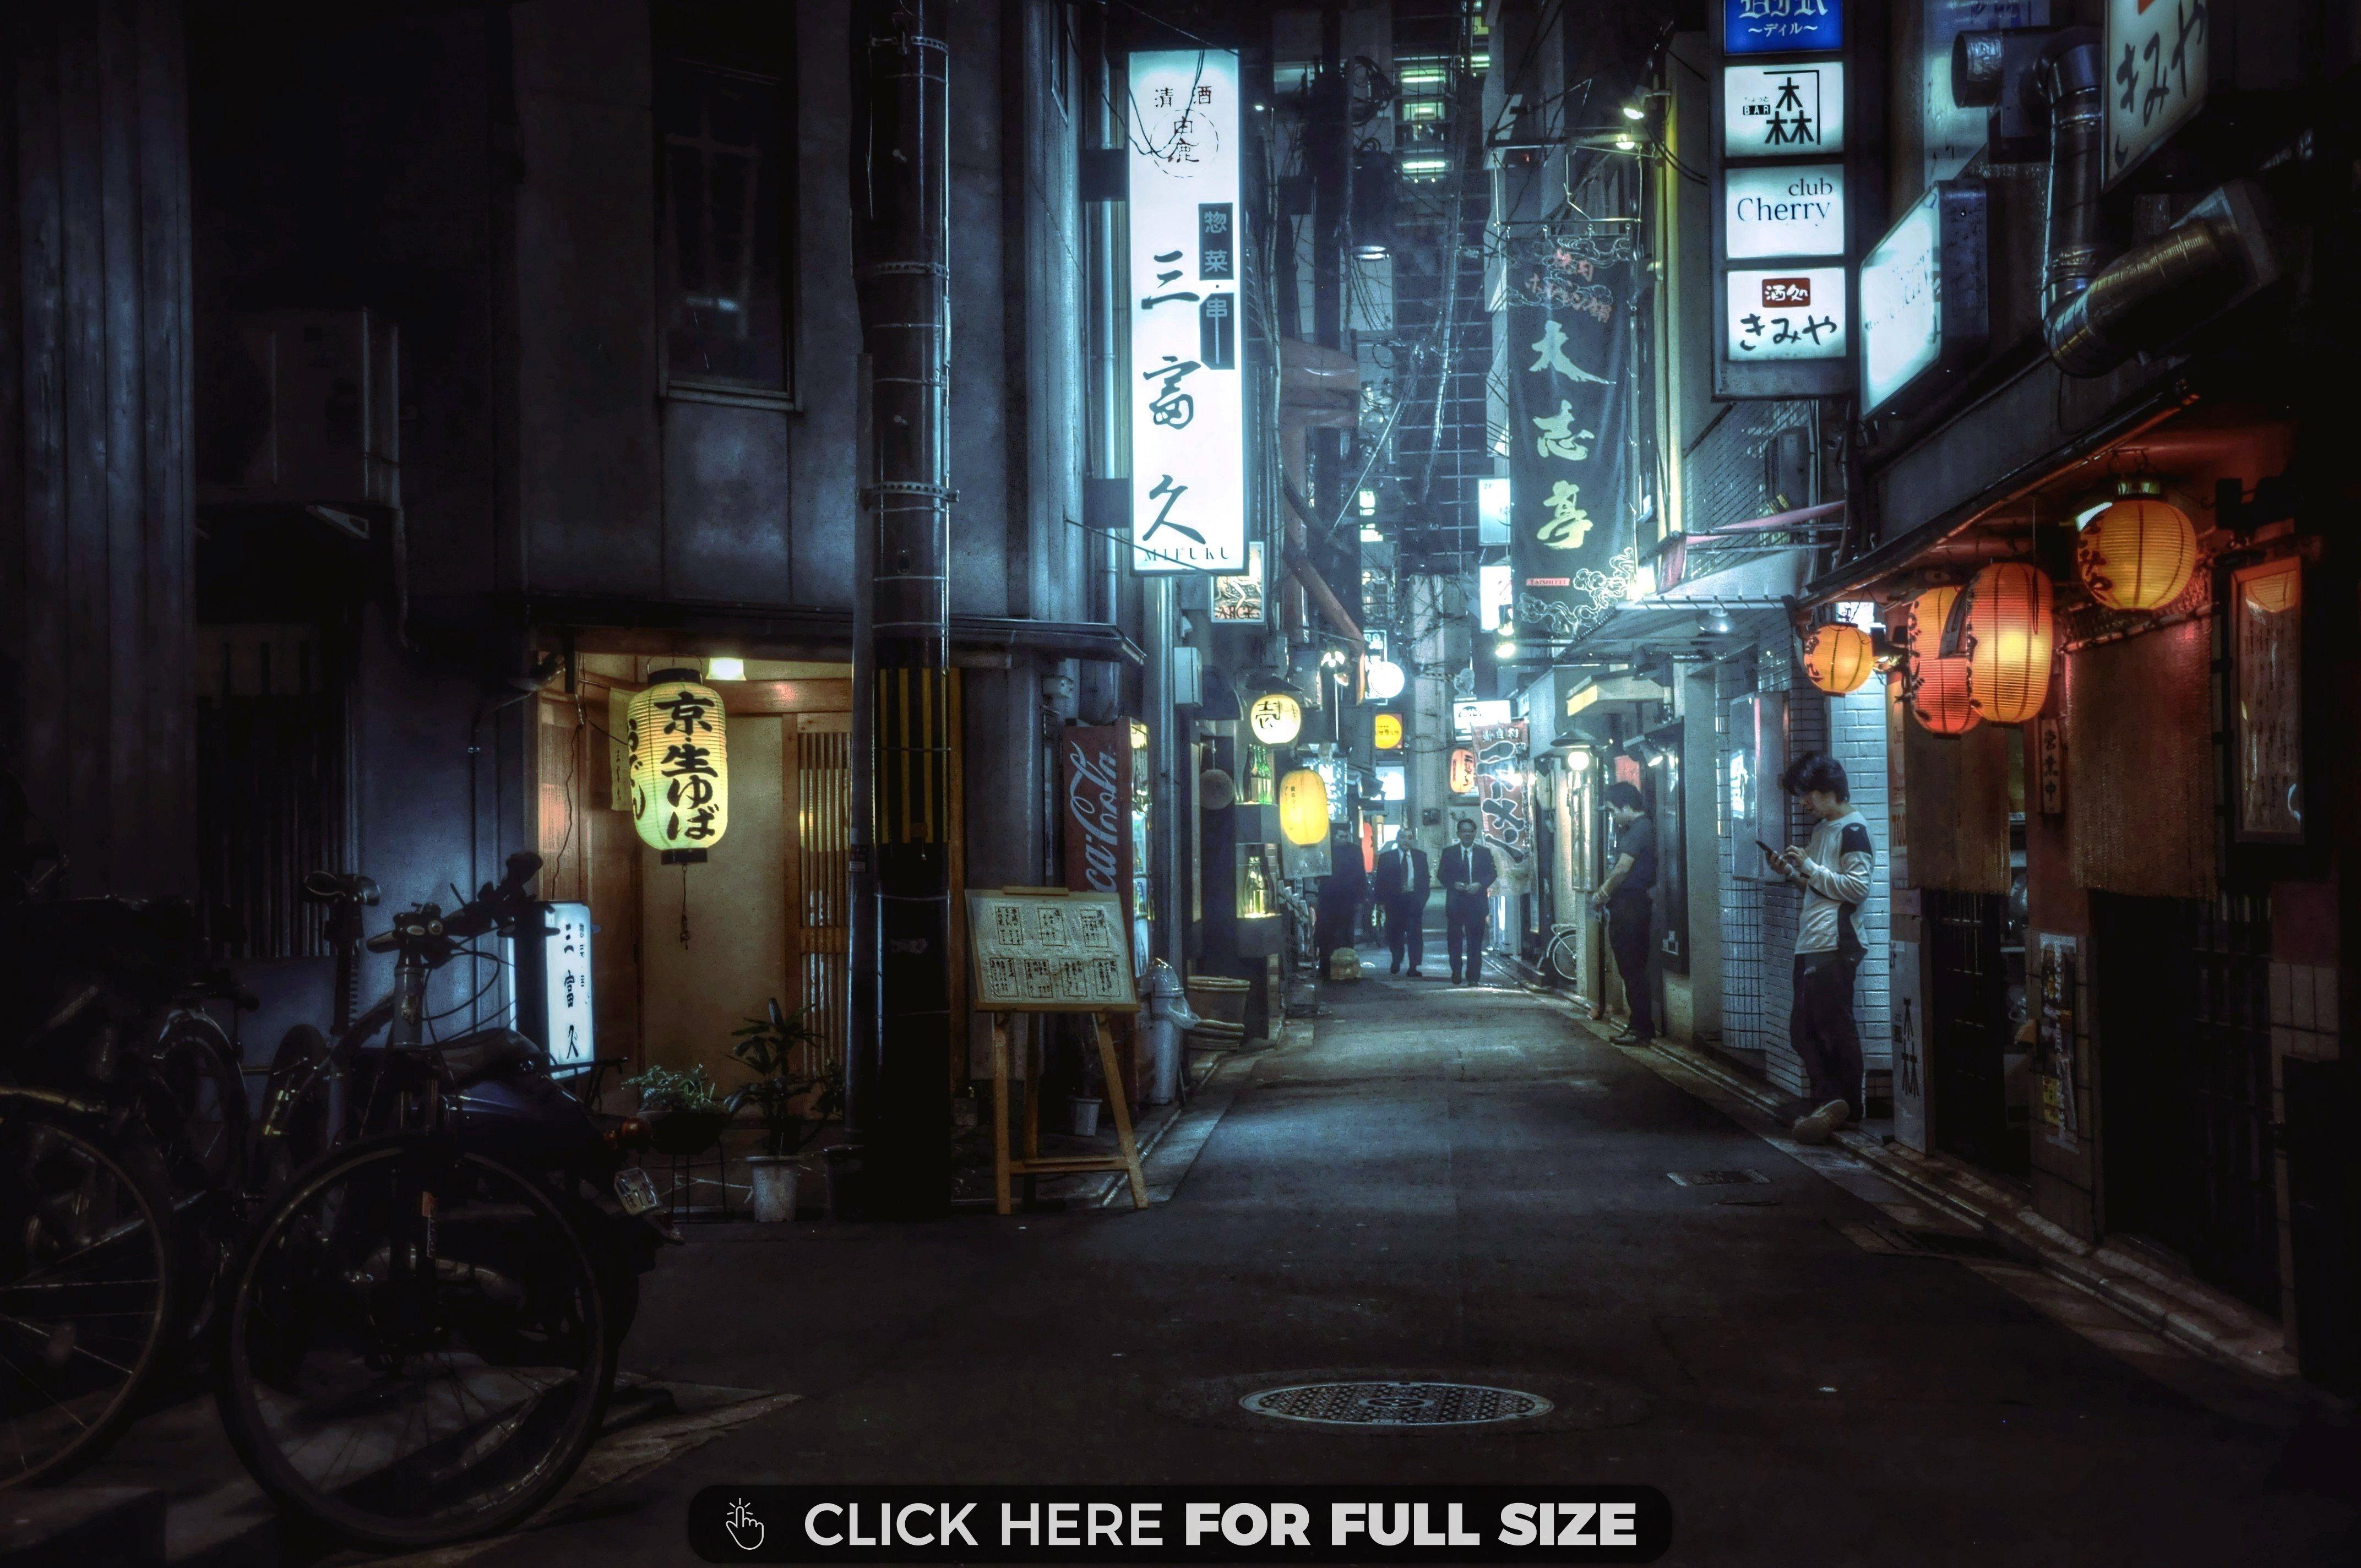 Japanese Alleyway 4k Wallpaper Aesthetic Desktop Wallpaper Alleyway R Wallpaper